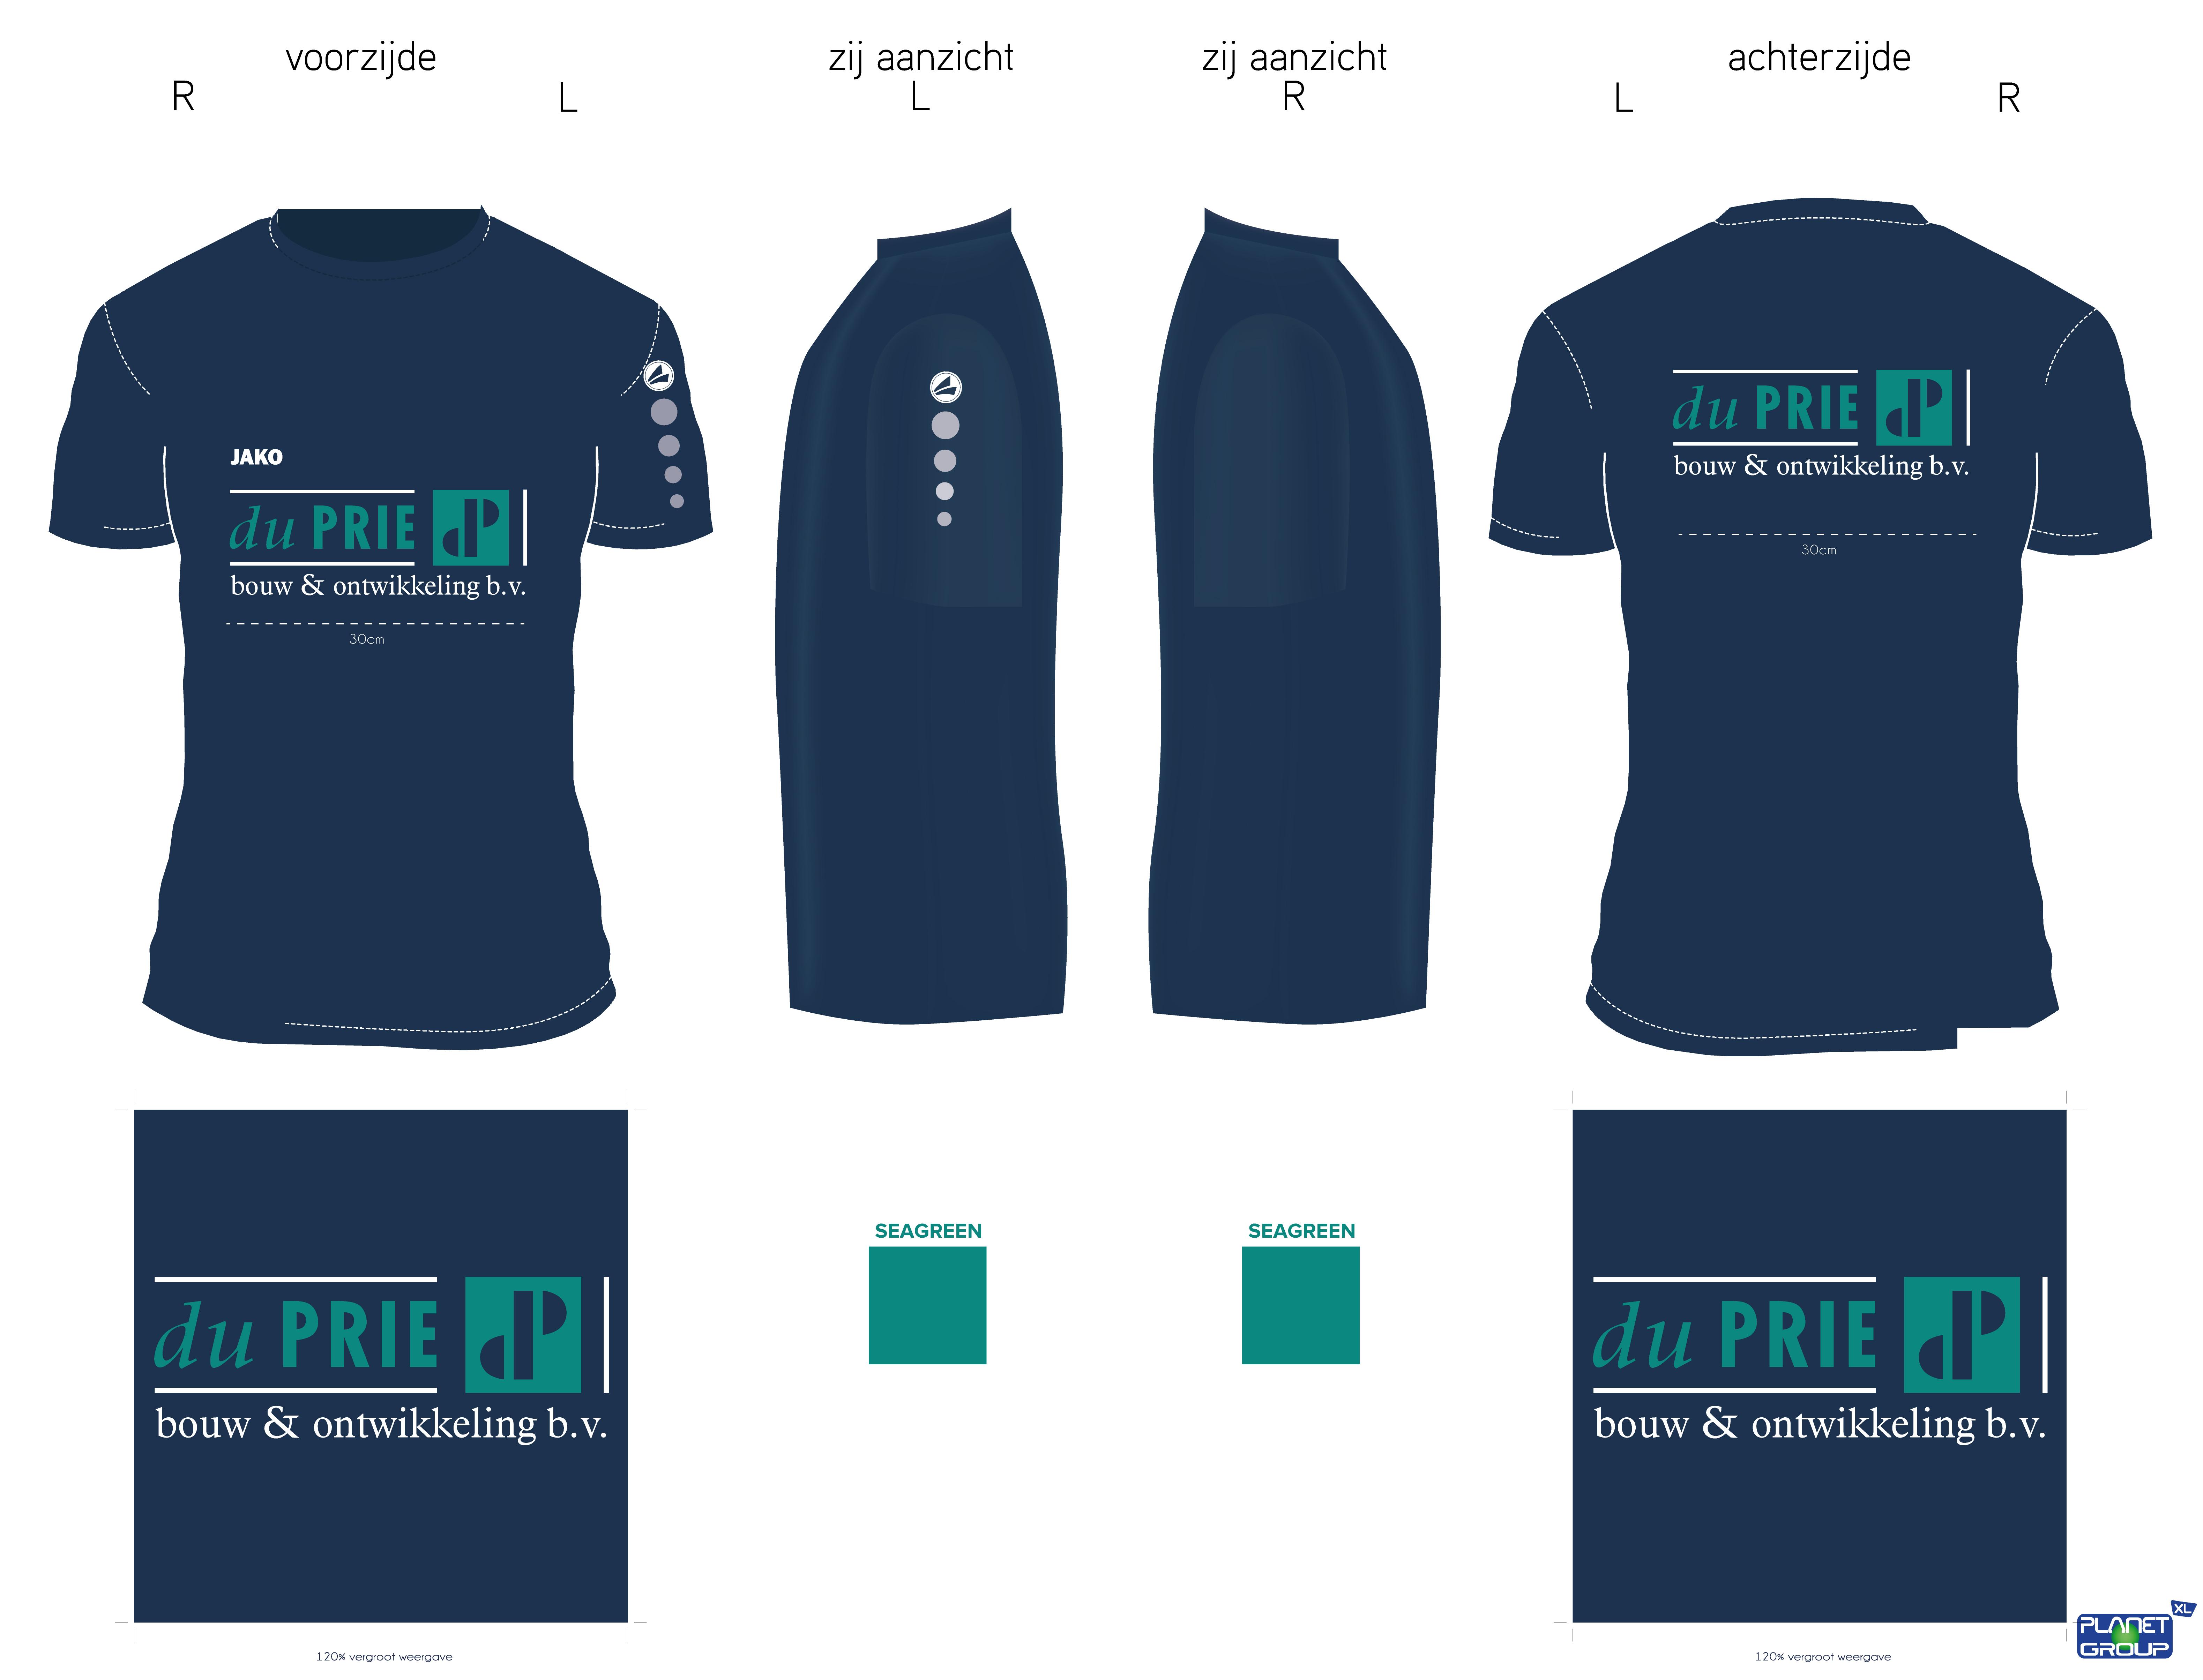 Duprie_blue_T-Shirt_broek_proefdrukken